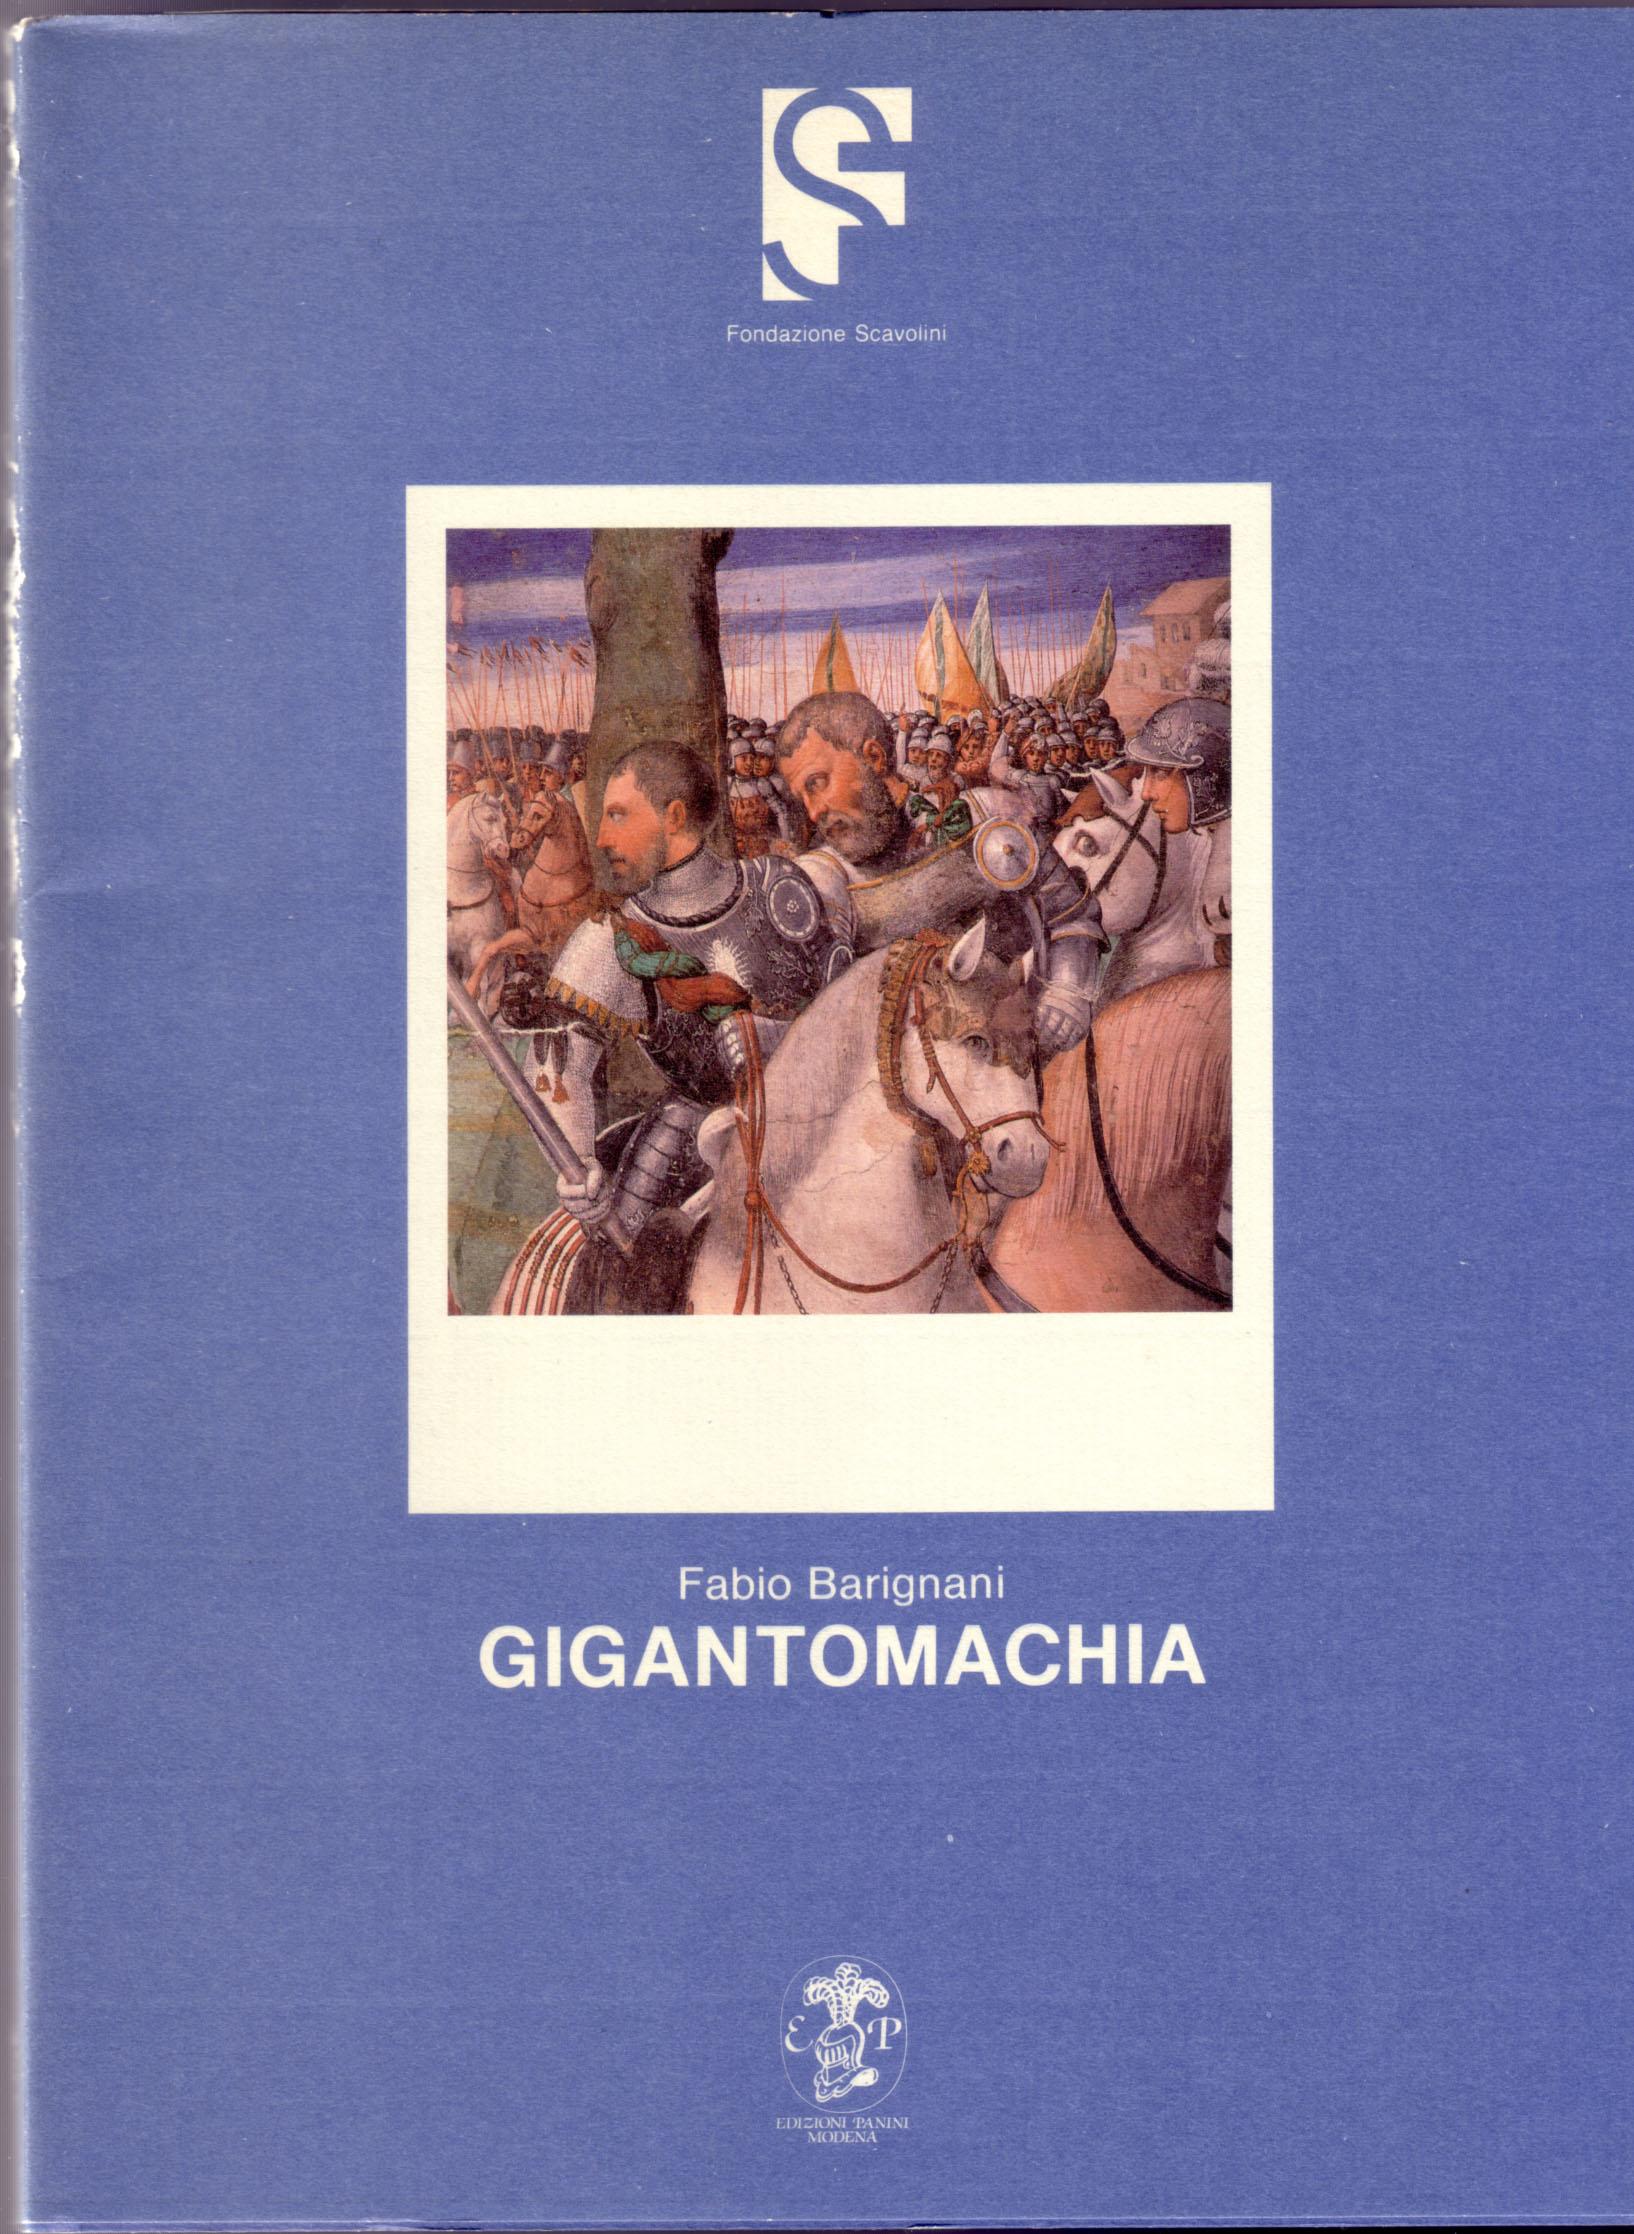 Gigantomachia